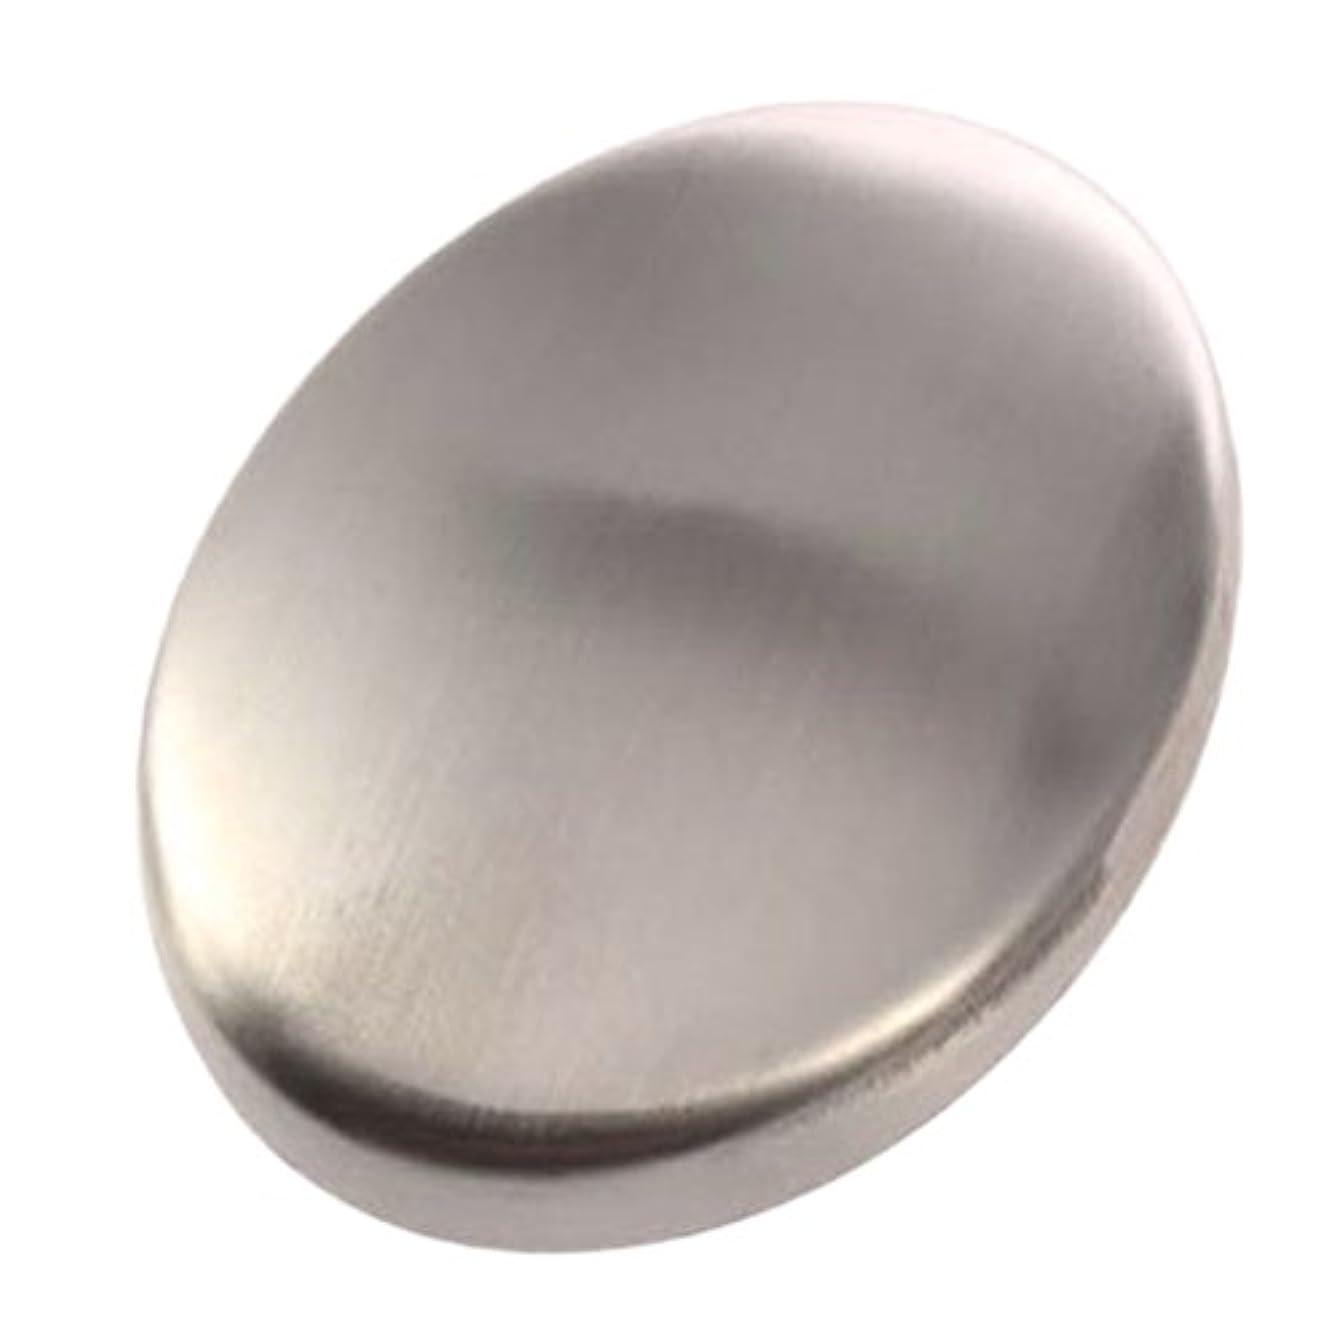 オゾン応援する程度Zafina ステンレスソープ 円形 においとりソープ 臭い取り ステンレス石鹸